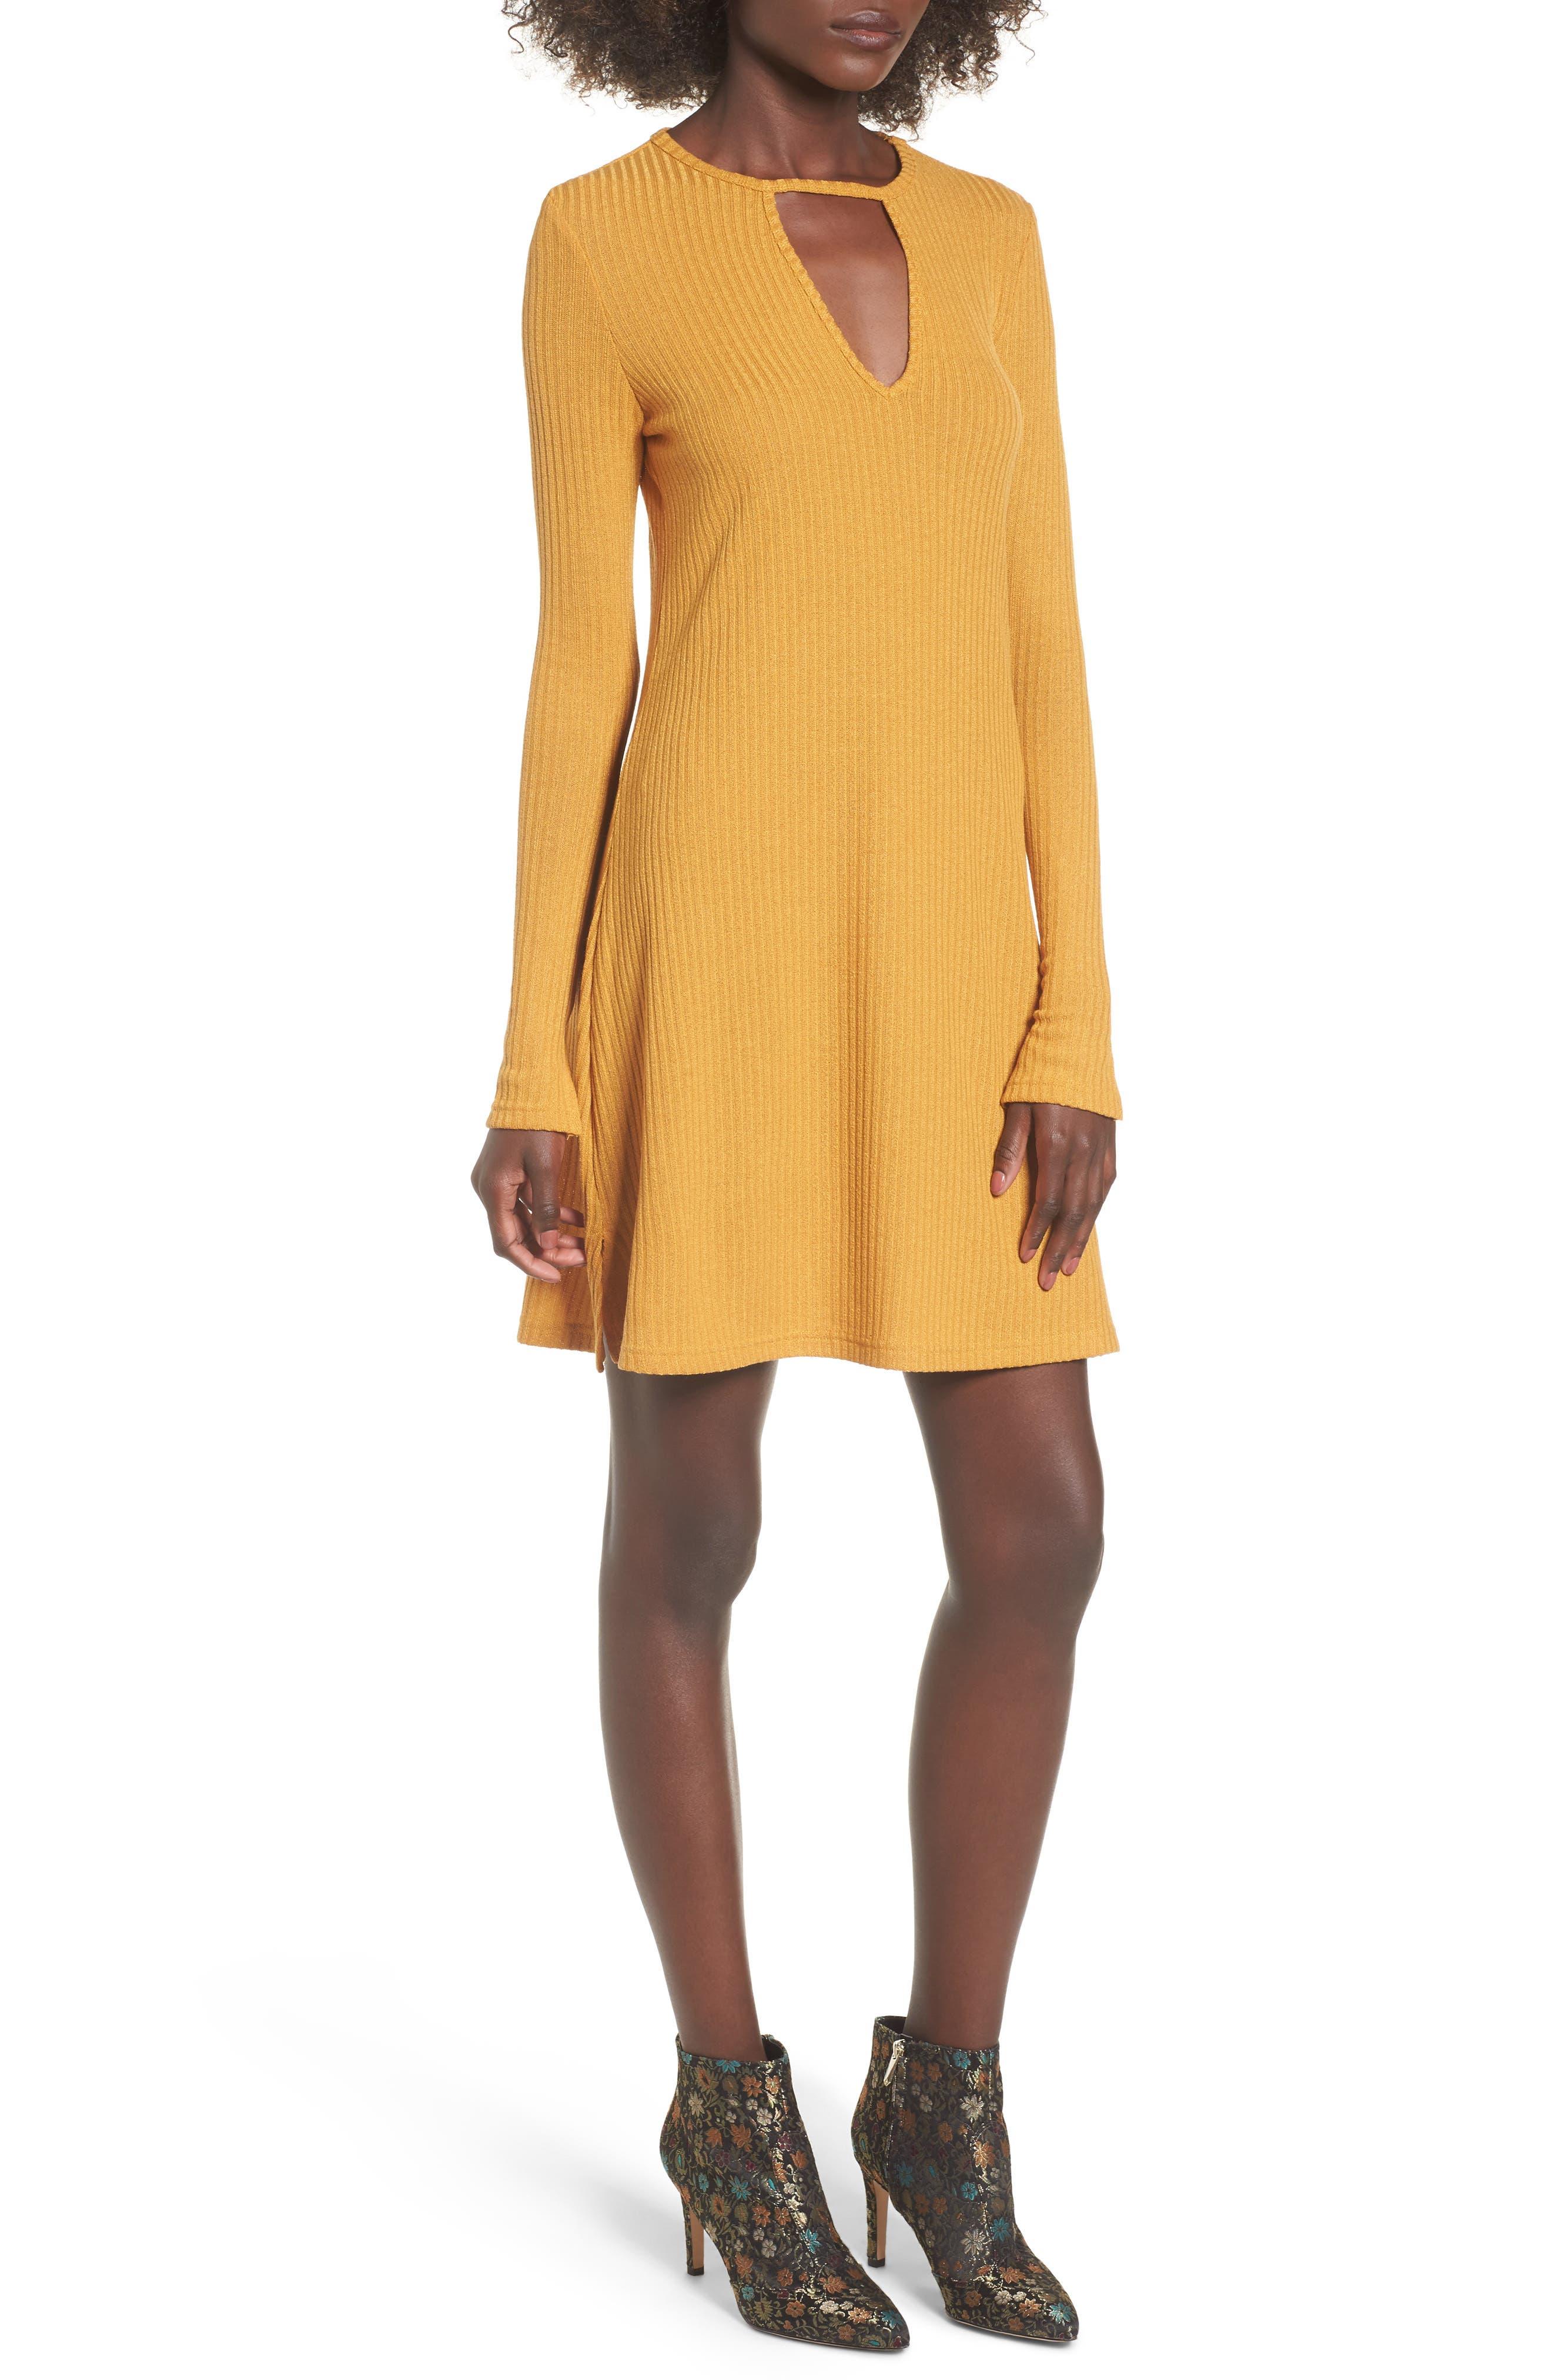 Maven Thermal Dress,                             Main thumbnail 1, color,                             Mustard